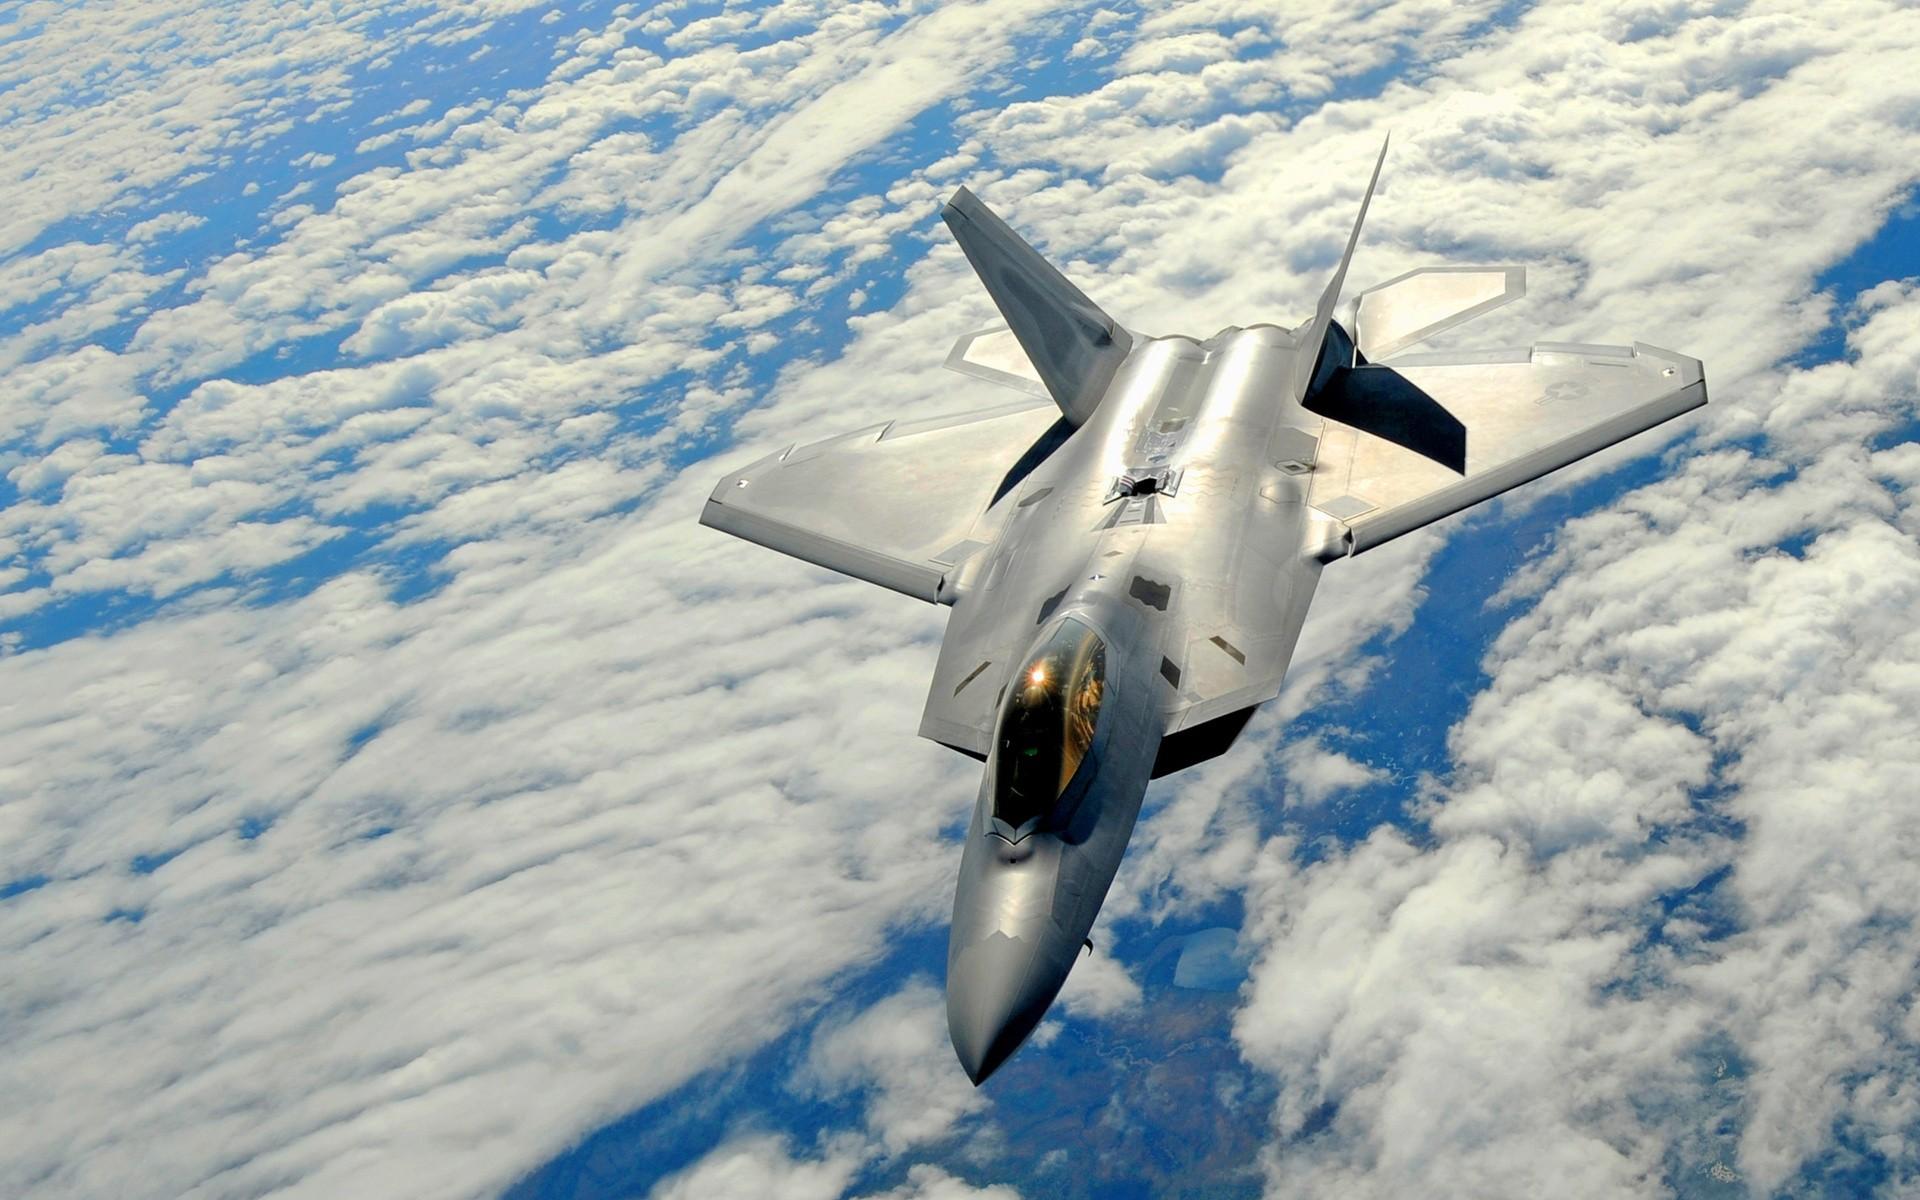 Avión F 22 raptor - 1920x1200